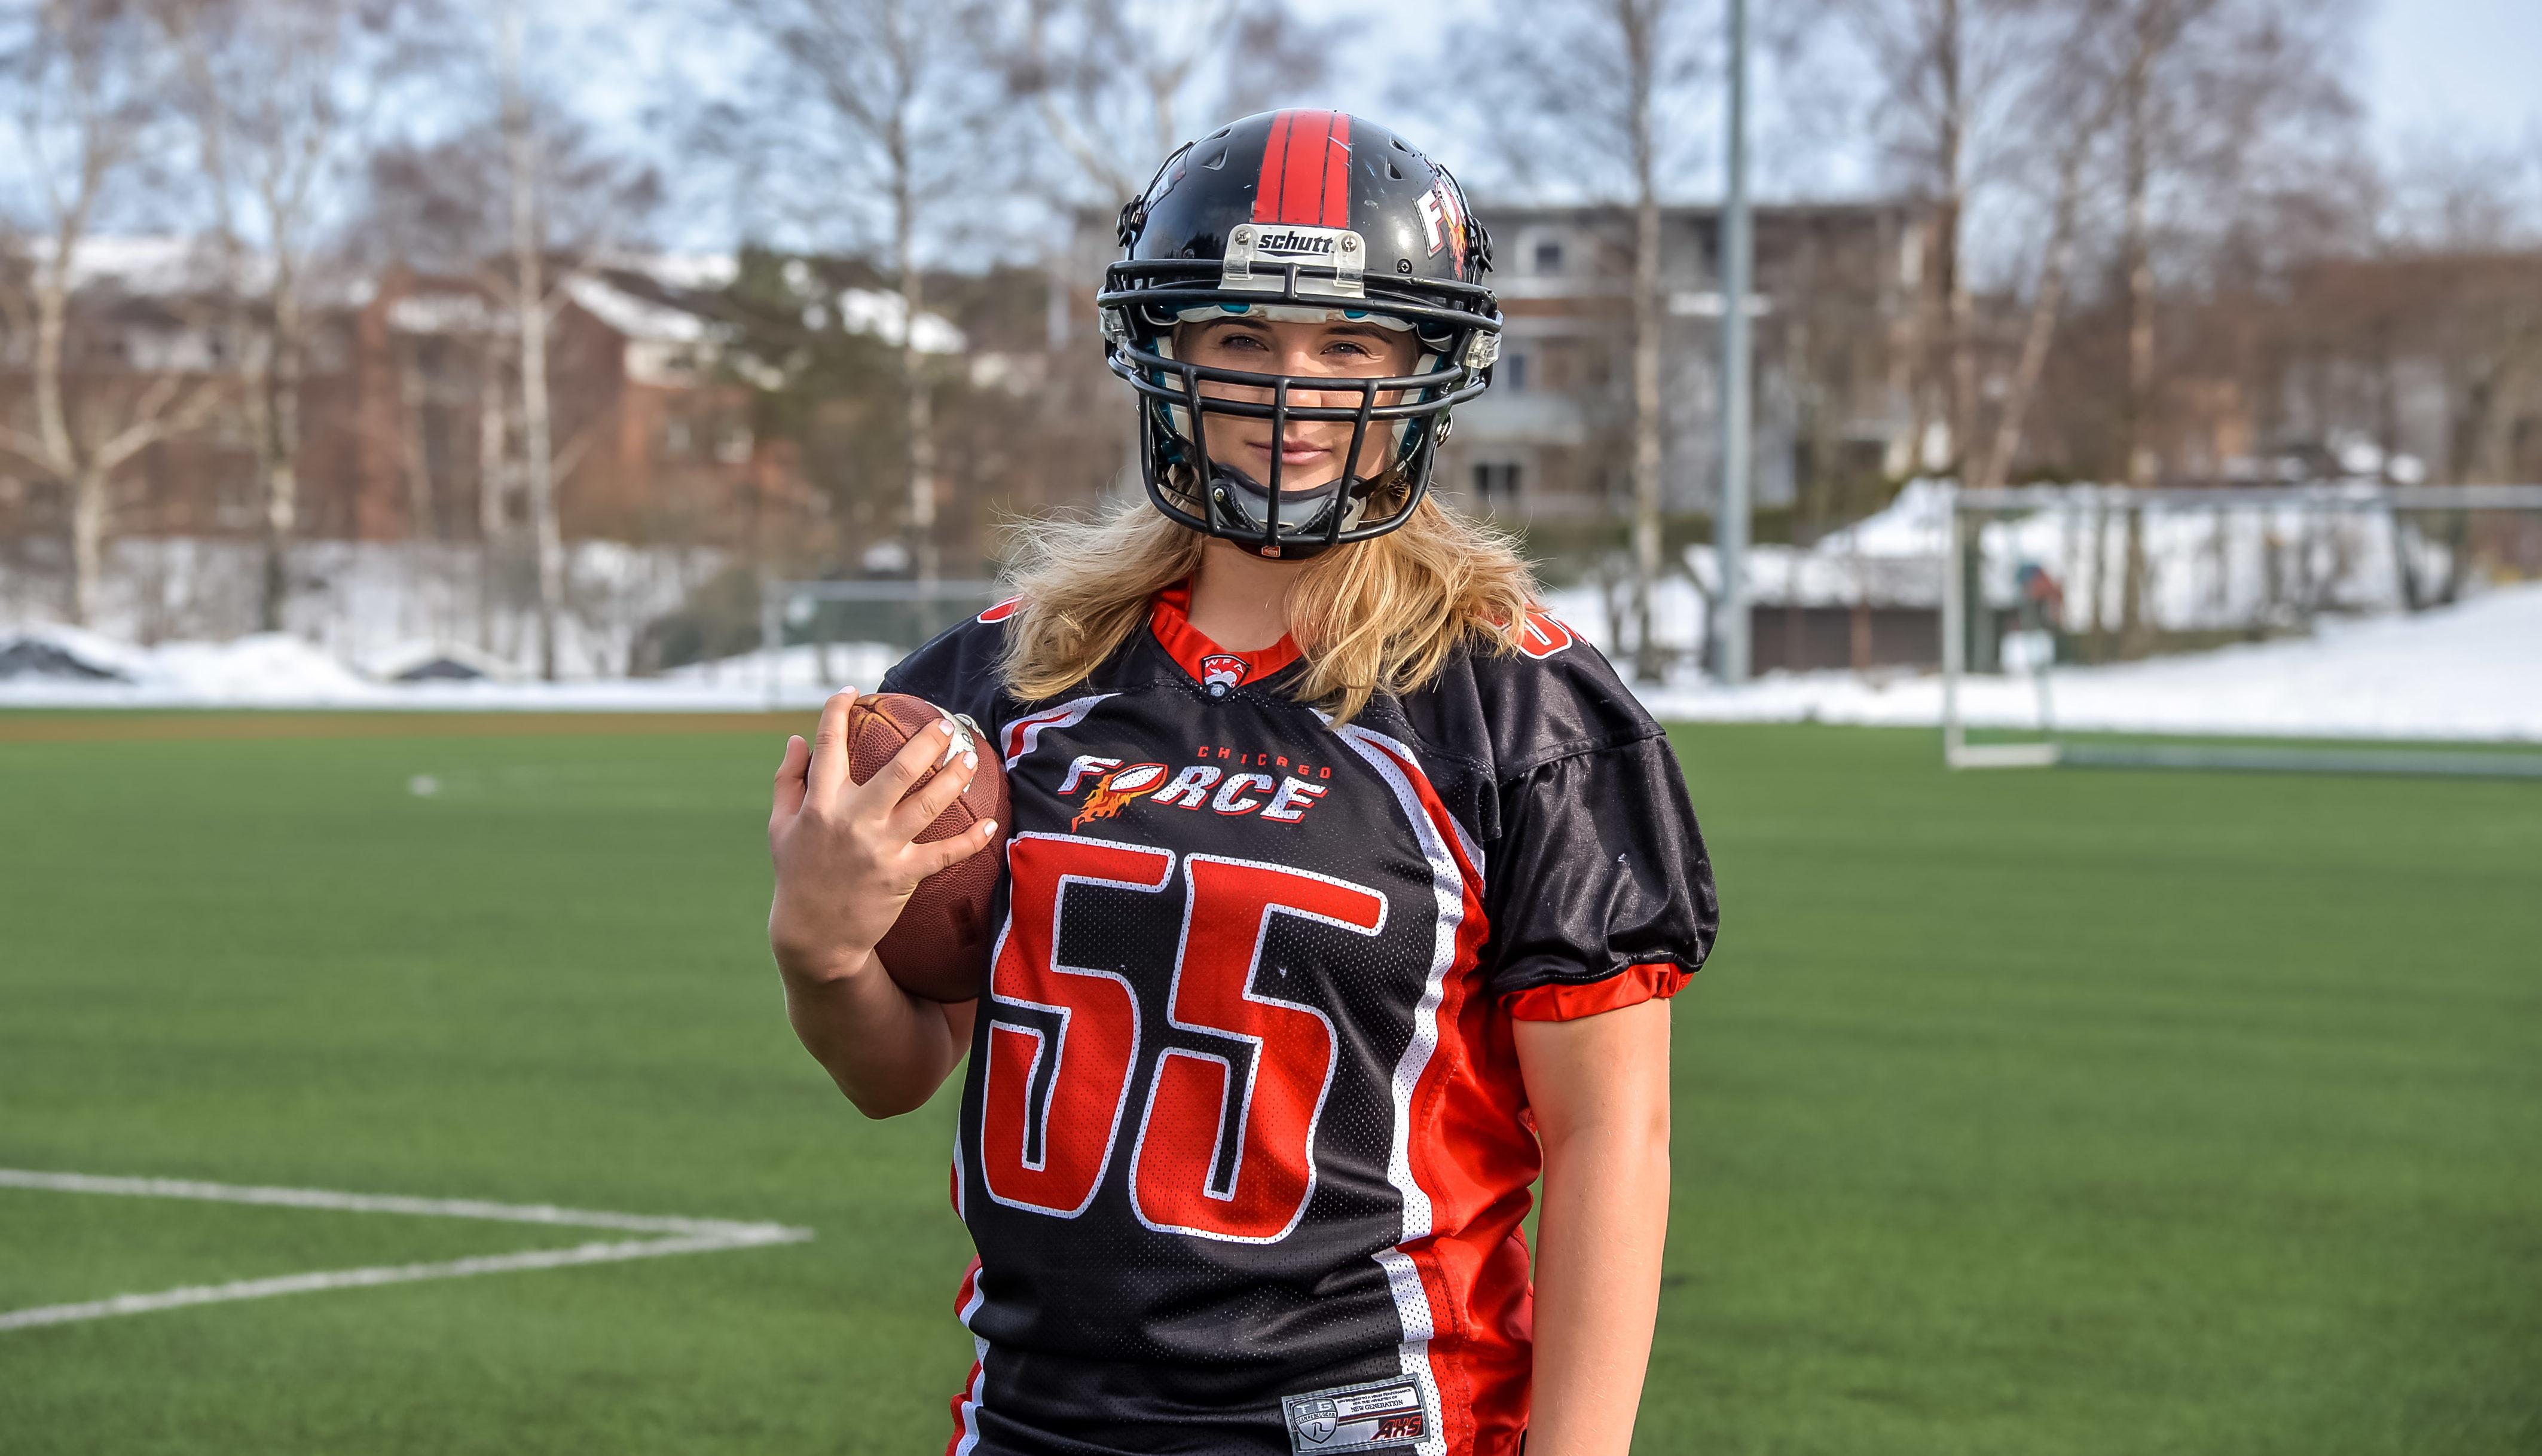 PÅ USAS LANDSLAG: Kristiansandsjenta Sonja Drangsholt Er Tatt Ut Til å Representere USA I VM. Foto: Valentina Hoxhaj